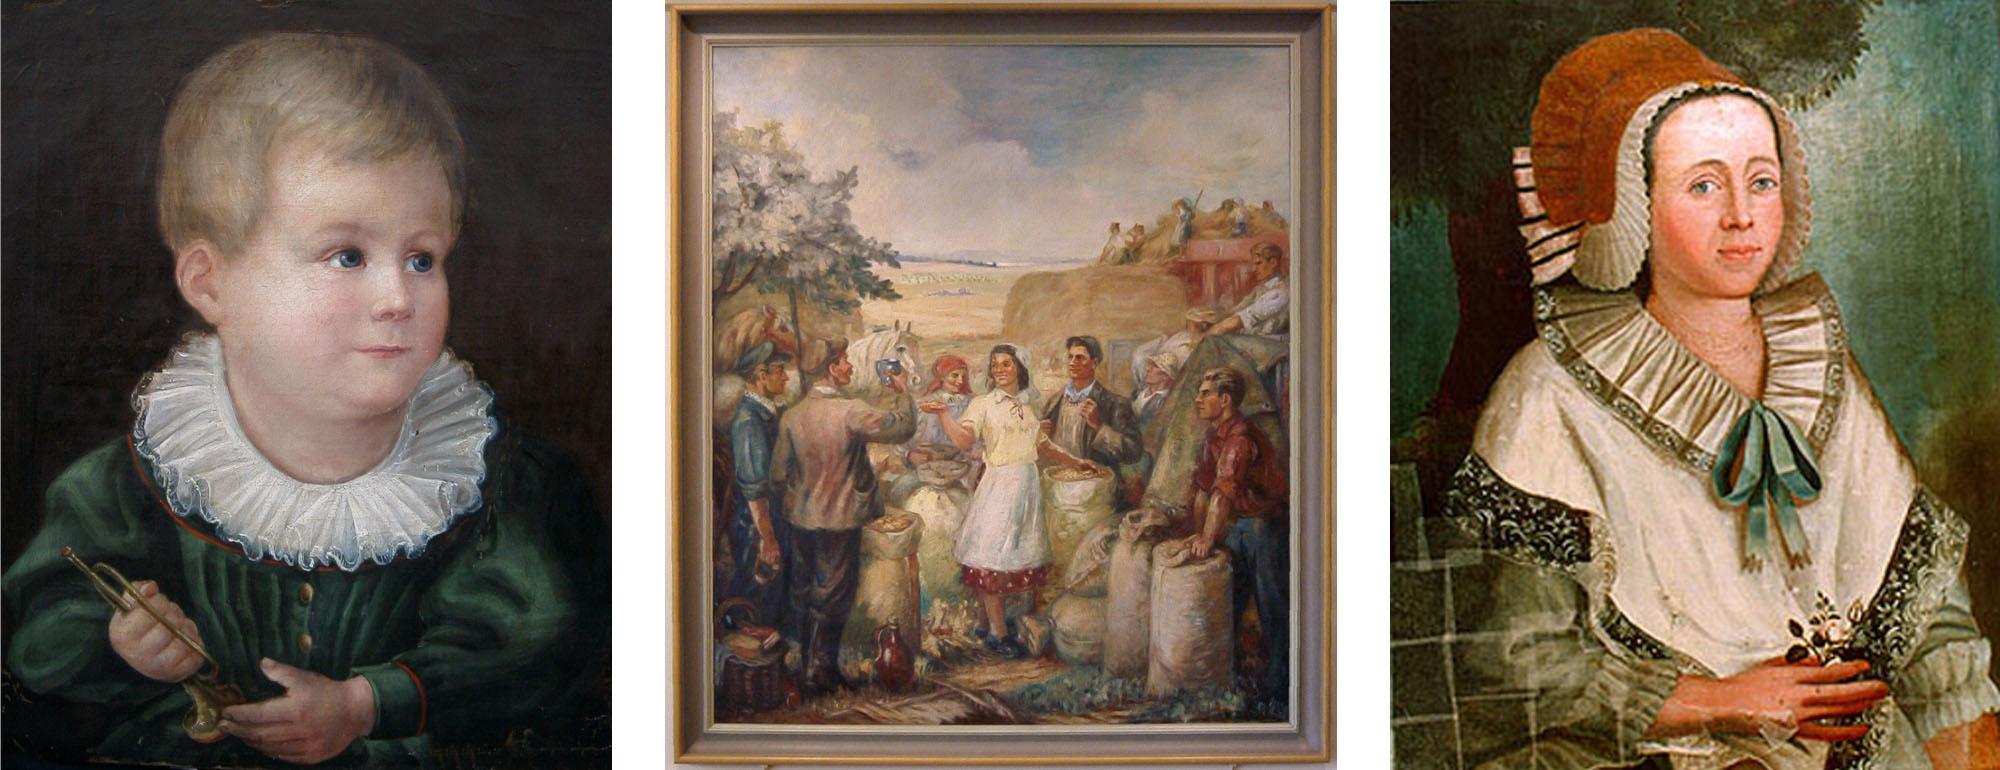 Restaurierung von Gemälden